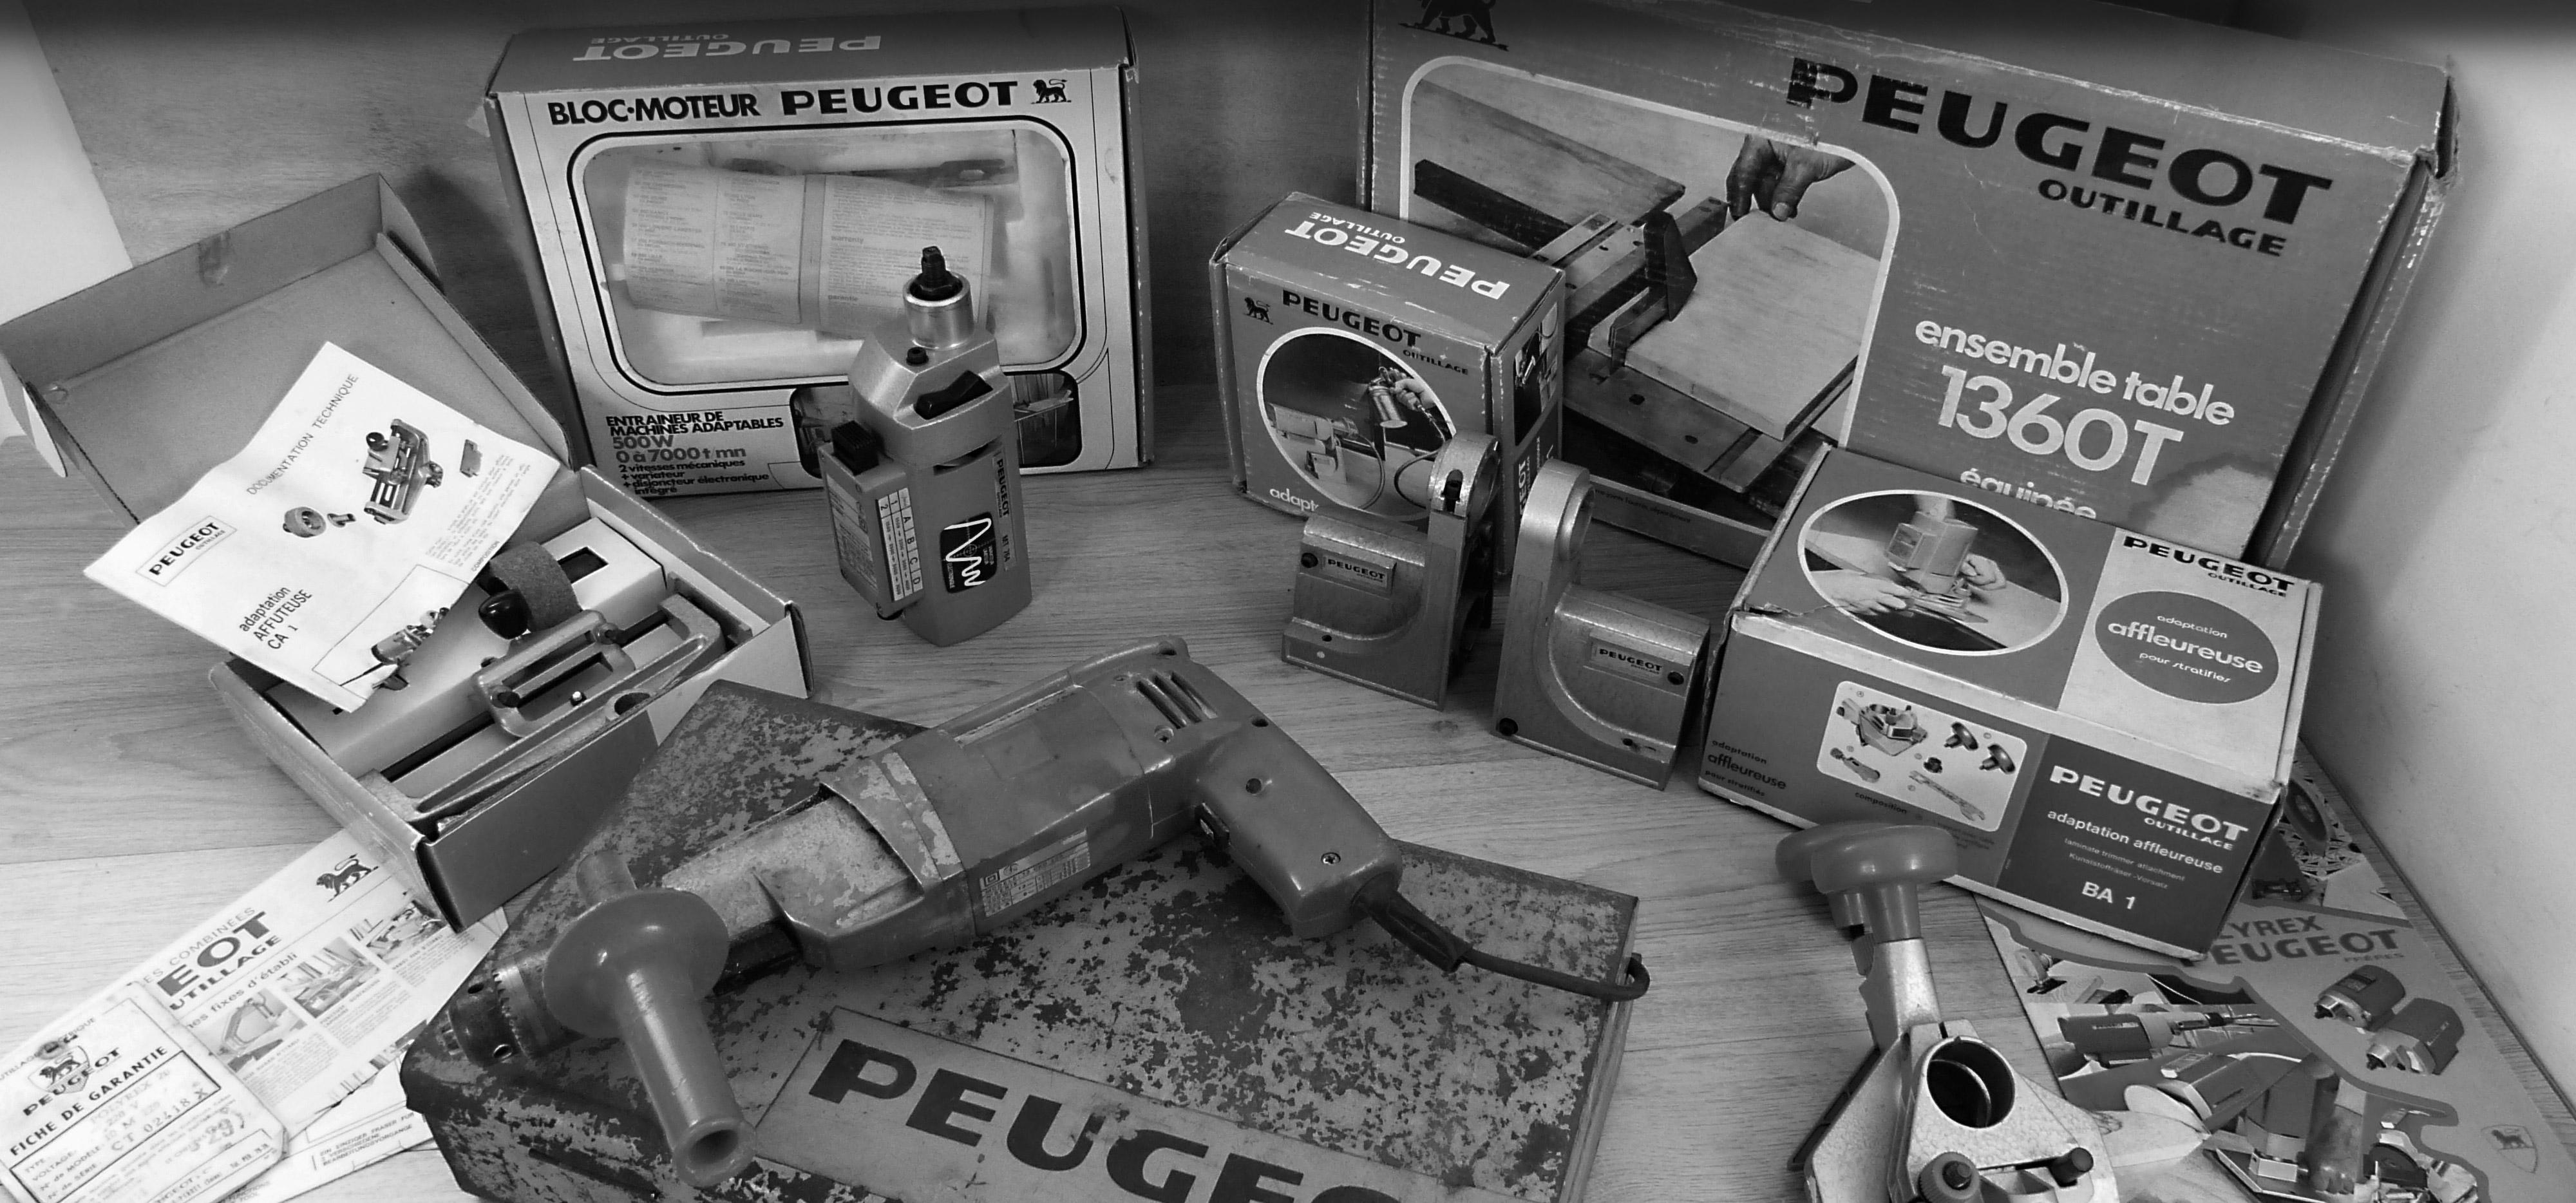 L'énergie créative - PeugeotOutillage